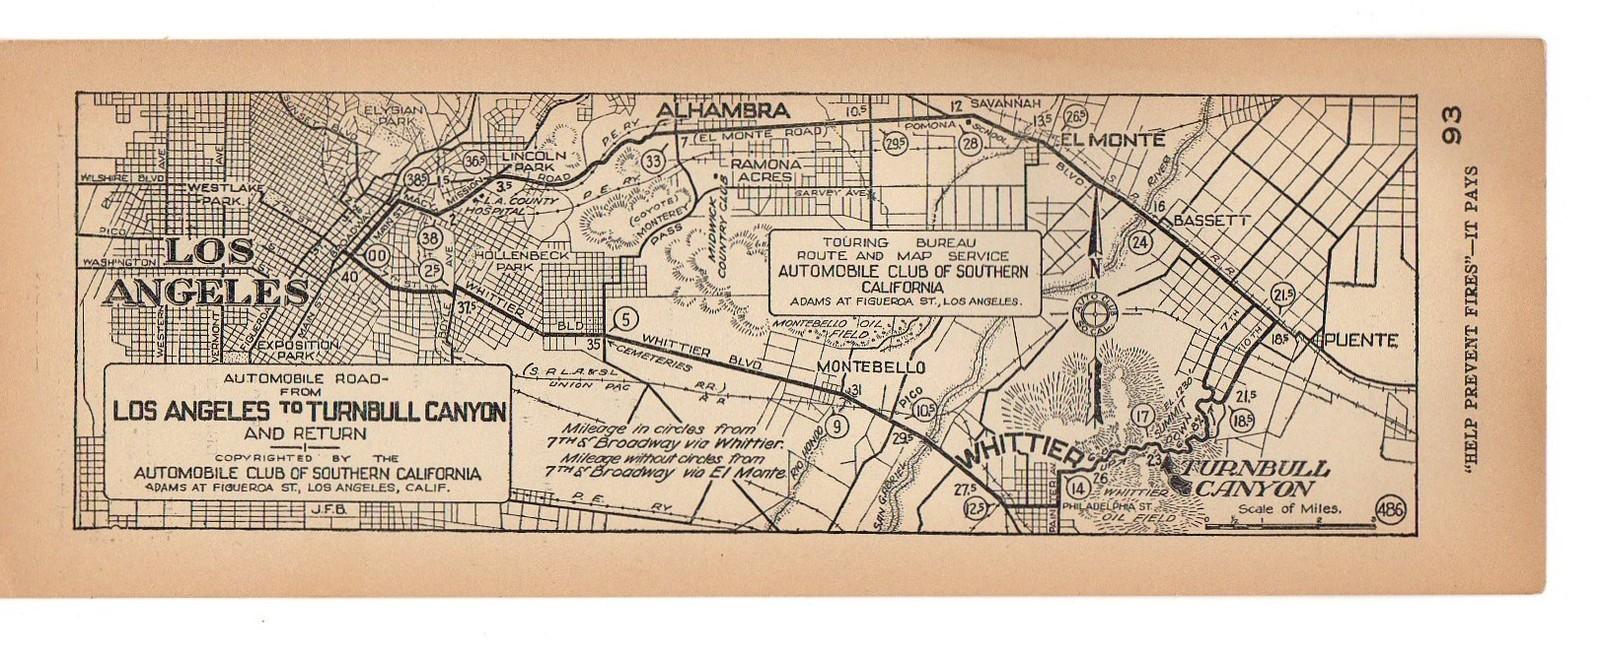 EAST SAN GABRIEL VALLEY  PUENTE AREA VINTAGE MAPS - Los angeles map vintage